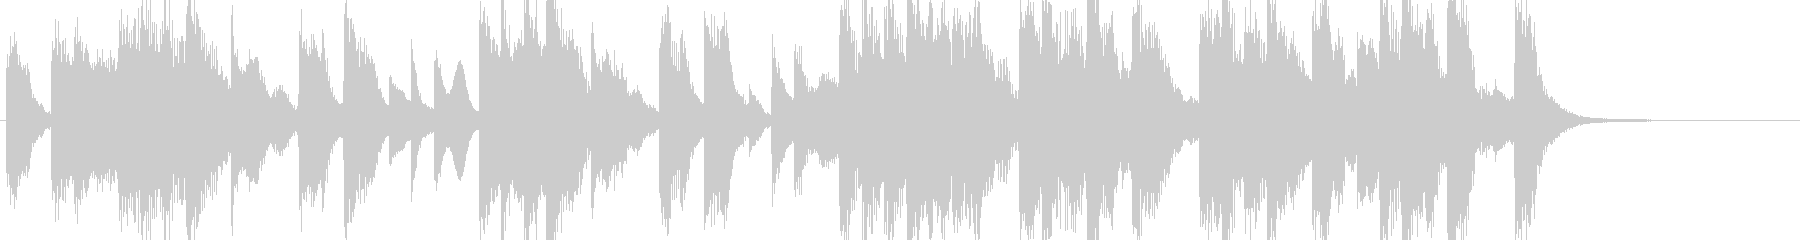 和風琴ストリングス企業VPやCM用BGMの未再生の波形